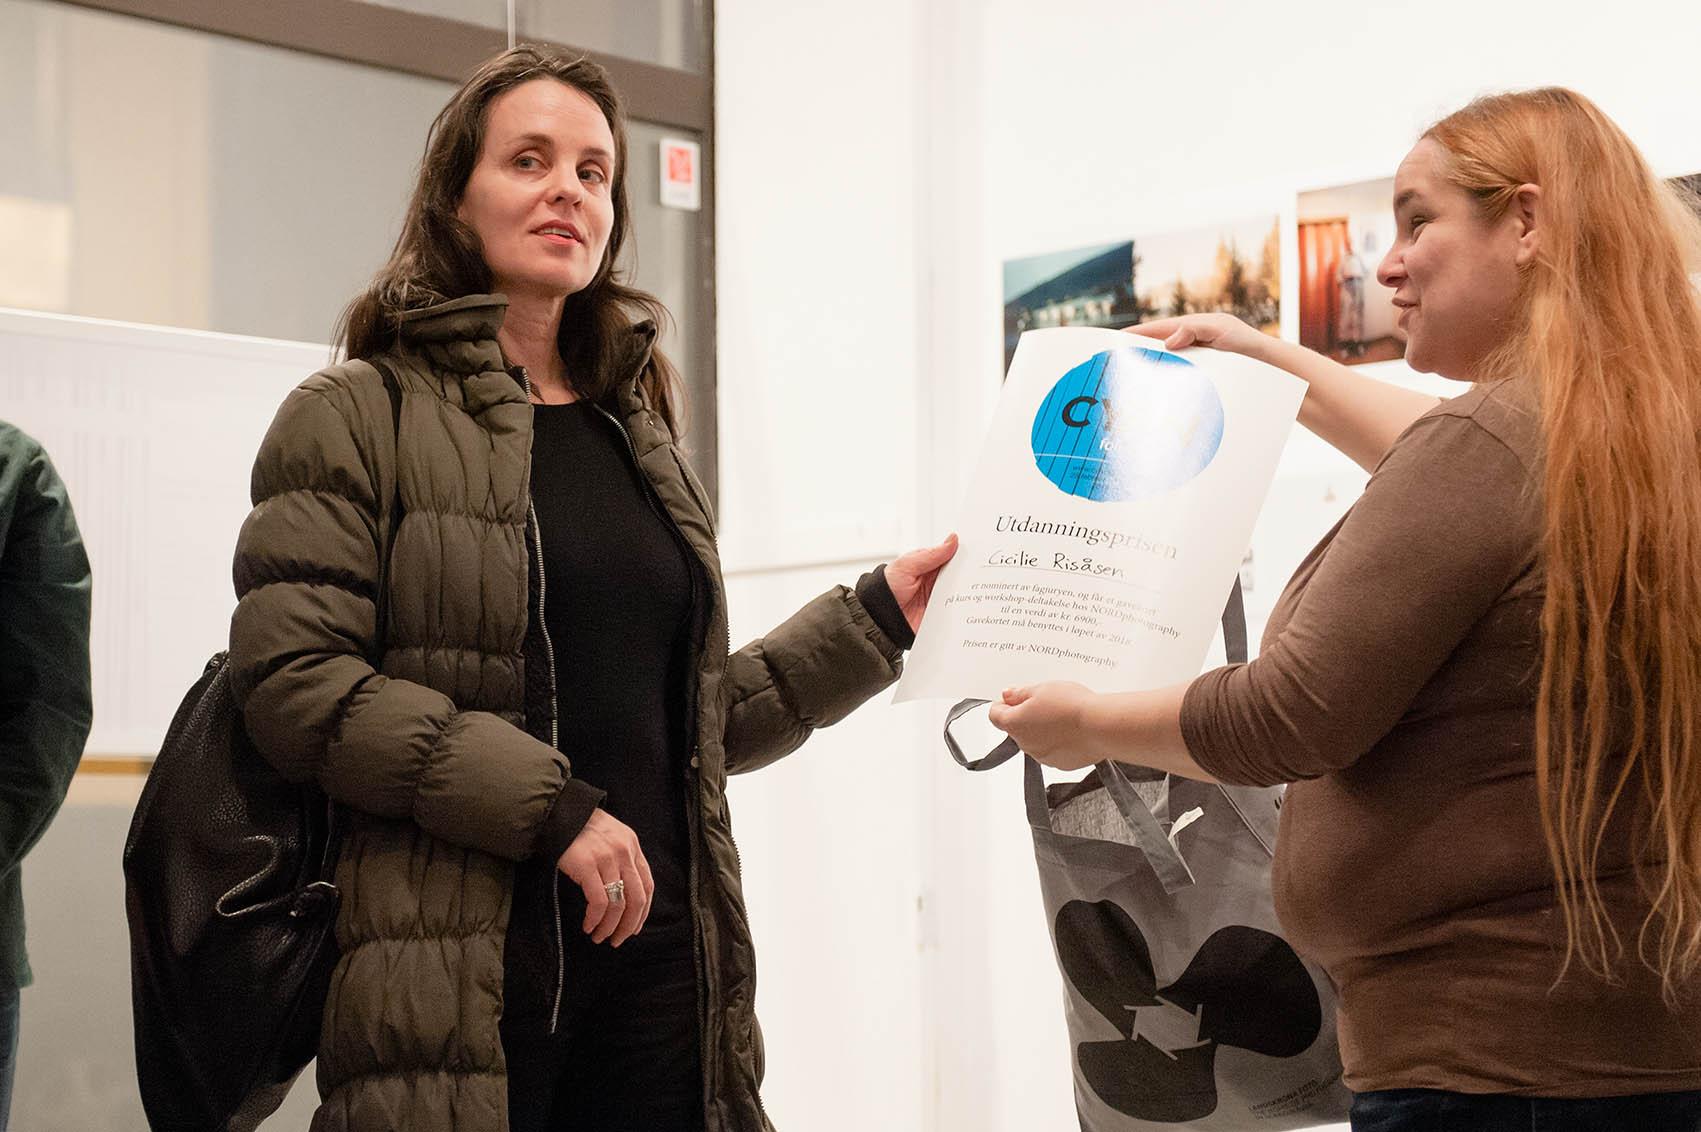 Cicilie Risåsen vant Utdanningspirsen gitt av NORDphotography